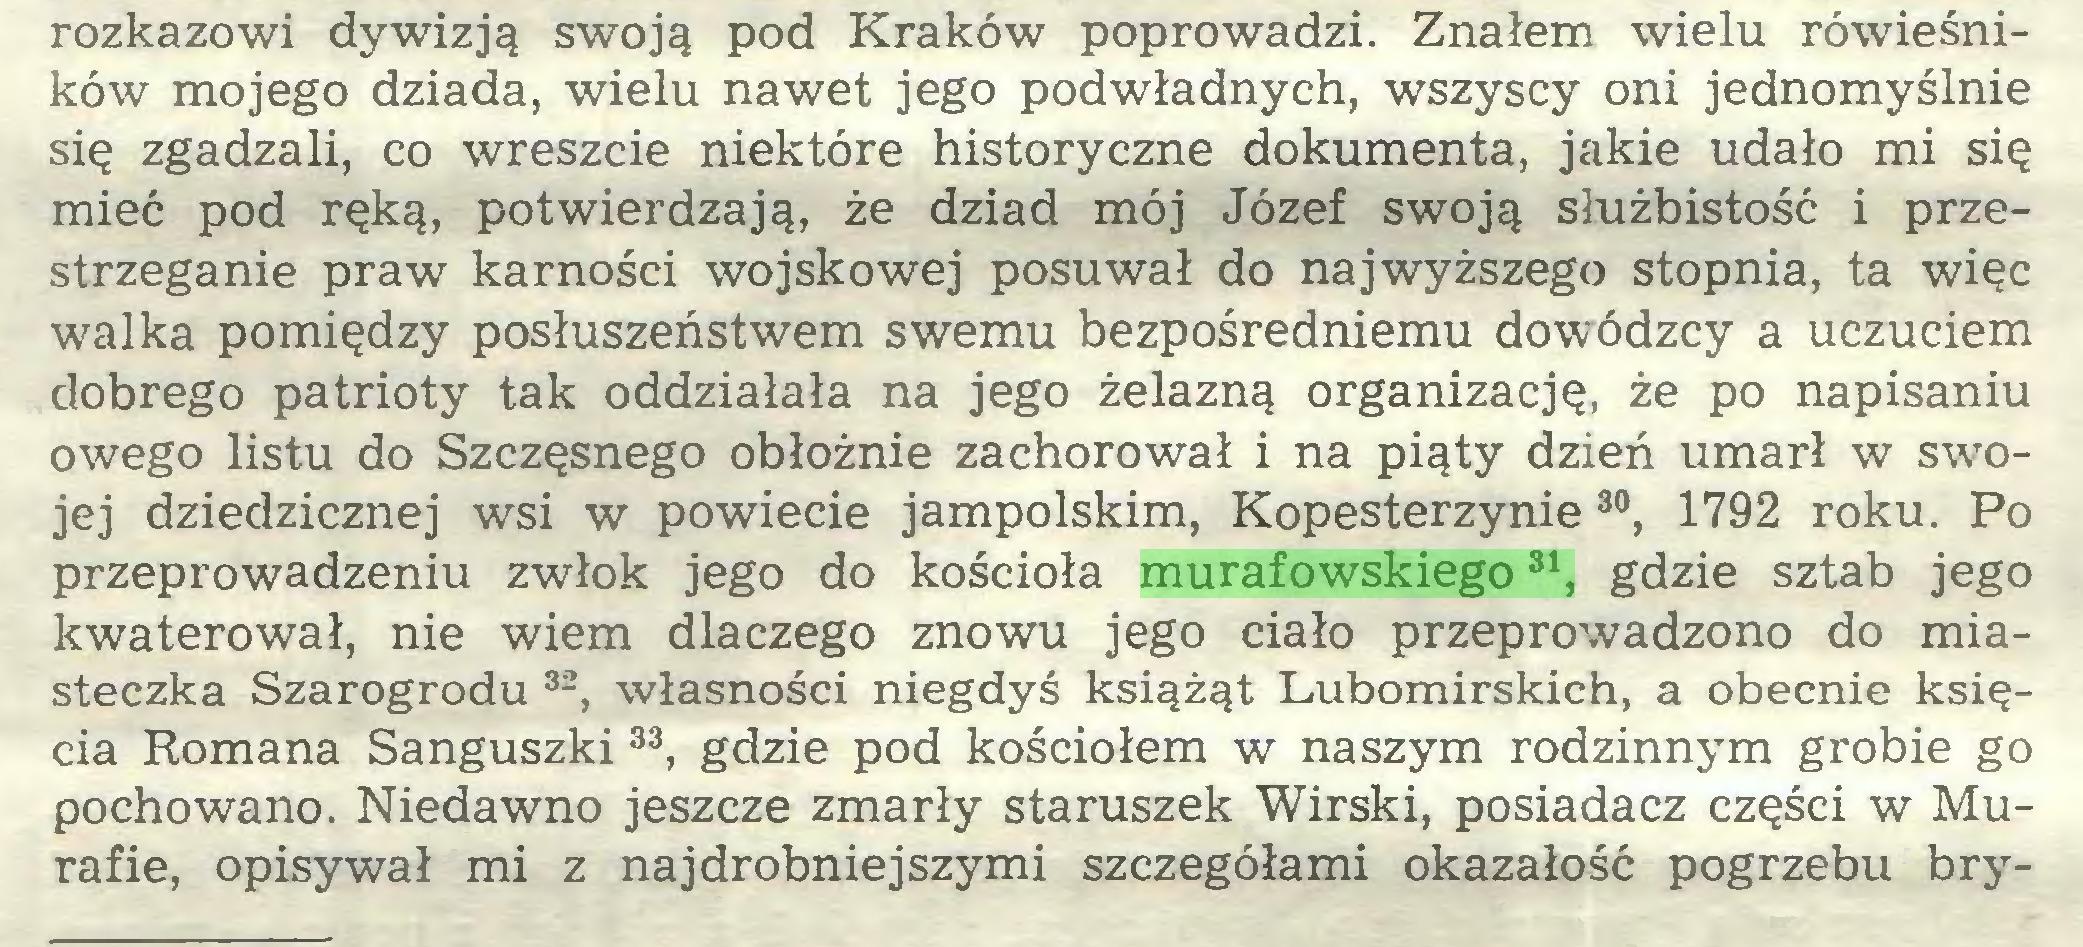 (...) rozkazowi dywizją swoją pod Kraków poprowadzi. Znałem wielu rówieśników mojego dziada, wielu nawet jego podwładnych, wszyscy oni jednomyślnie się zgadzali, co wreszcie niektóre historyczne dokumenta, jakie udało mi się mieć pod ręką, potwierdzają, że dziad mój Józef swoją służbistość i przestrzeganie praw karności wojskowej posuwał do najwyższego stopnia, ta więc walka pomiędzy posłuszeństwem swemu bezpośredniemu dowódzcy a uczuciem dobrego patrioty tak oddziałała na jego żelazną organizację, że po napisaniu owego listu do Szczęsnego obłożnie zachorował i na piąty dzień umarł w swojej dziedzicznej wsi w powiecie jampolskim, Kopesterzynie 30, 1792 roku. Po przeprowadzeniu zwłok jego do kościoła murafowskiego31, gdzie sztab jego kwaterował, nie wiem dlaczego znowu jego ciało przeprowadzono do miasteczka Szarogrodu 32, własności niegdyś książąt Lubomirskich, a obecnie księcia Romana Sanguszki 33, gdzie pod kościołem w naszym rodzinnym grobie go pochowano. Niedawno jeszcze zmarły staruszek Wirski, posiadacz części w Murafie, opisywał mi z najdrobniejszymi szczegółami okazałość pogrzebu bry...